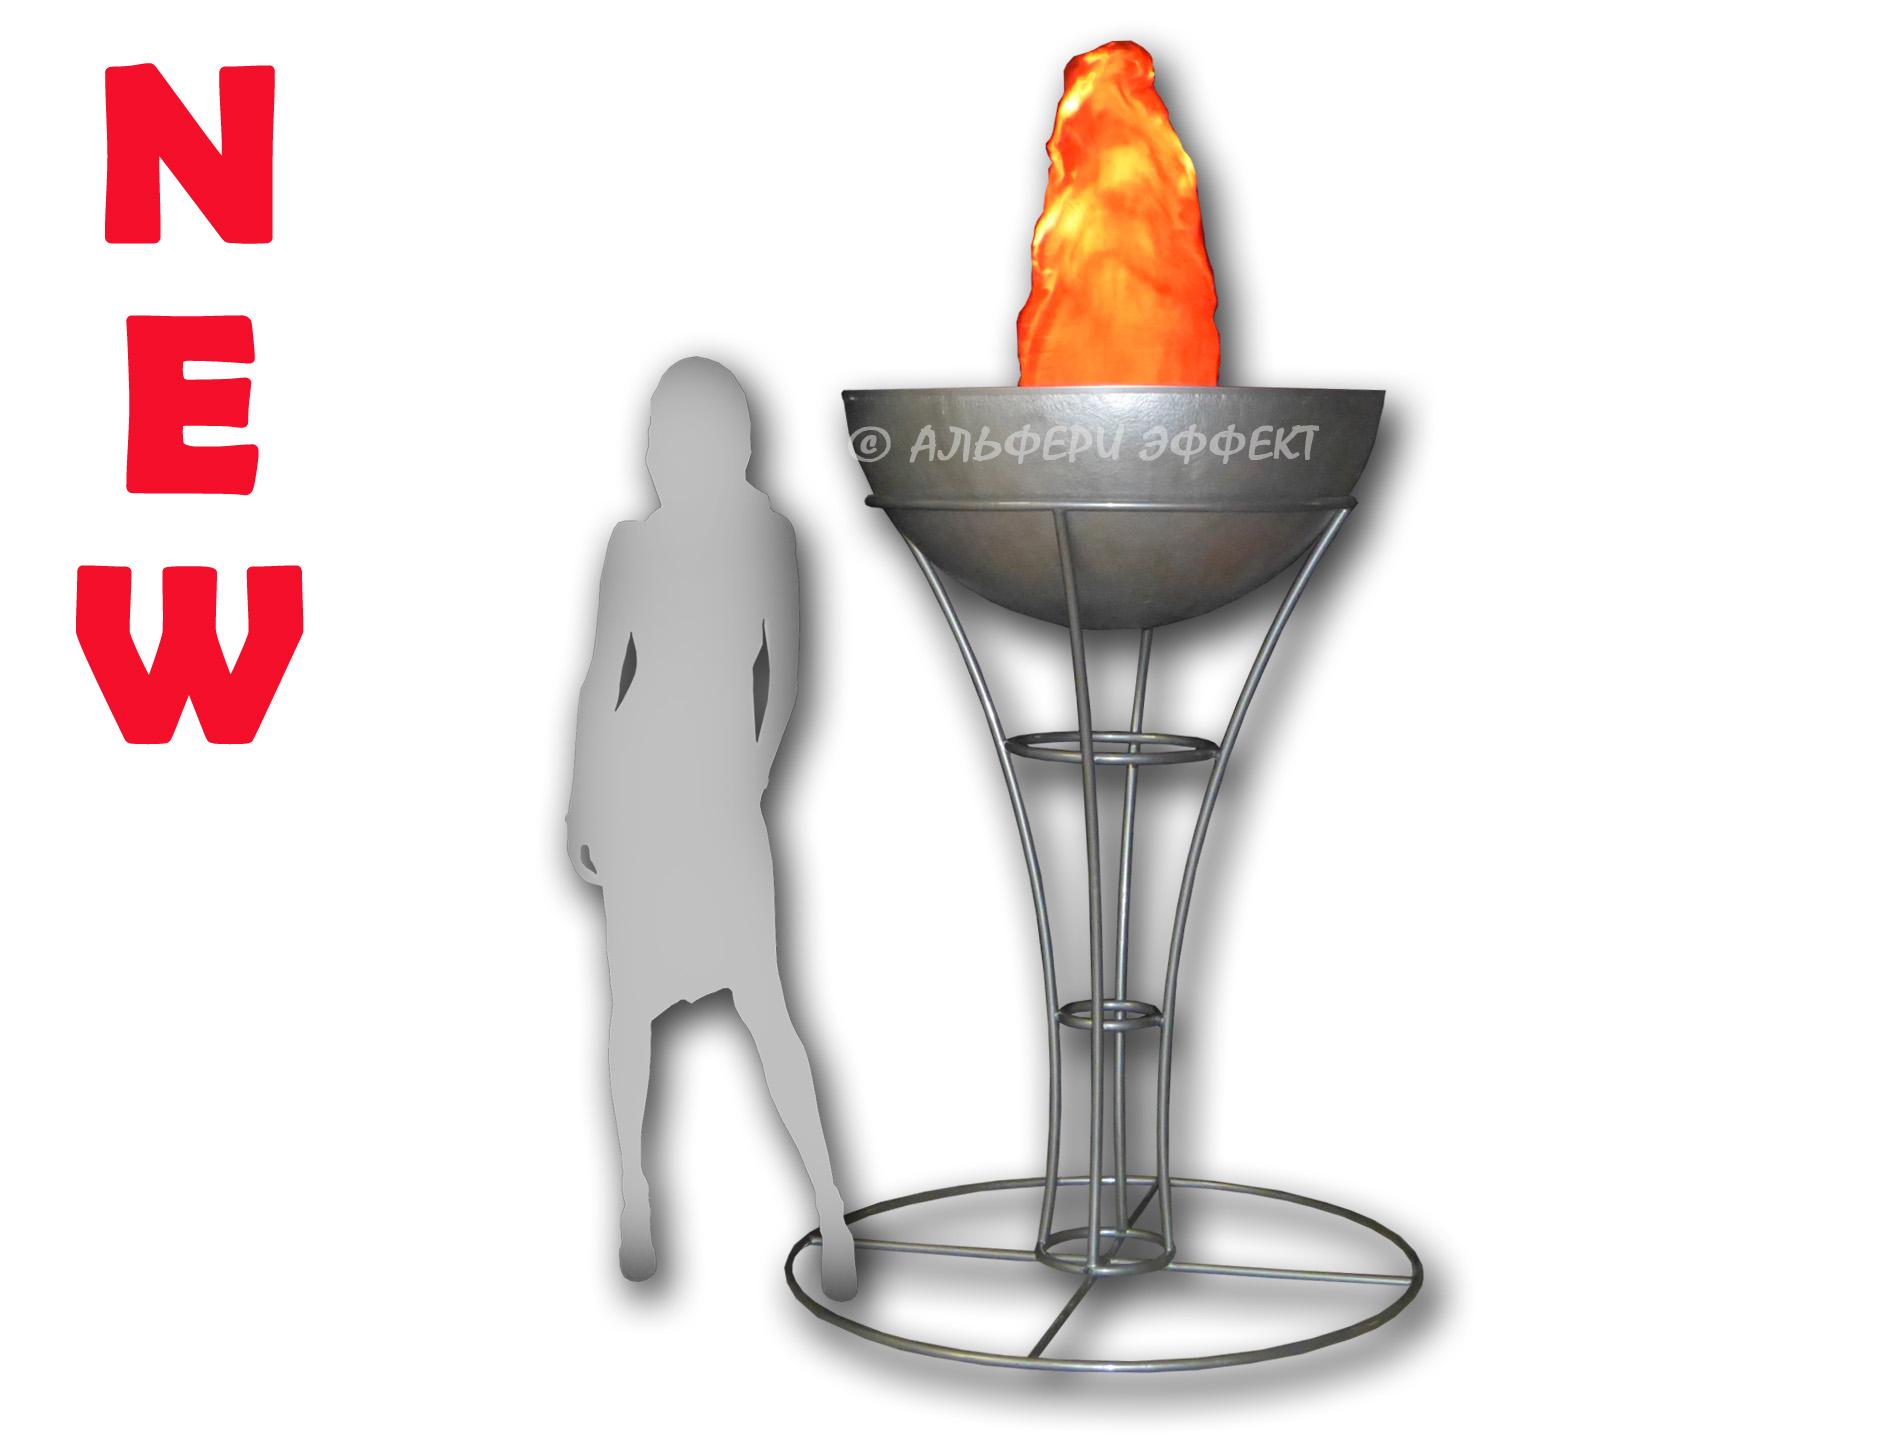 Чаша для Олимпийских игр имитирующая пламя от Альфери Эффект